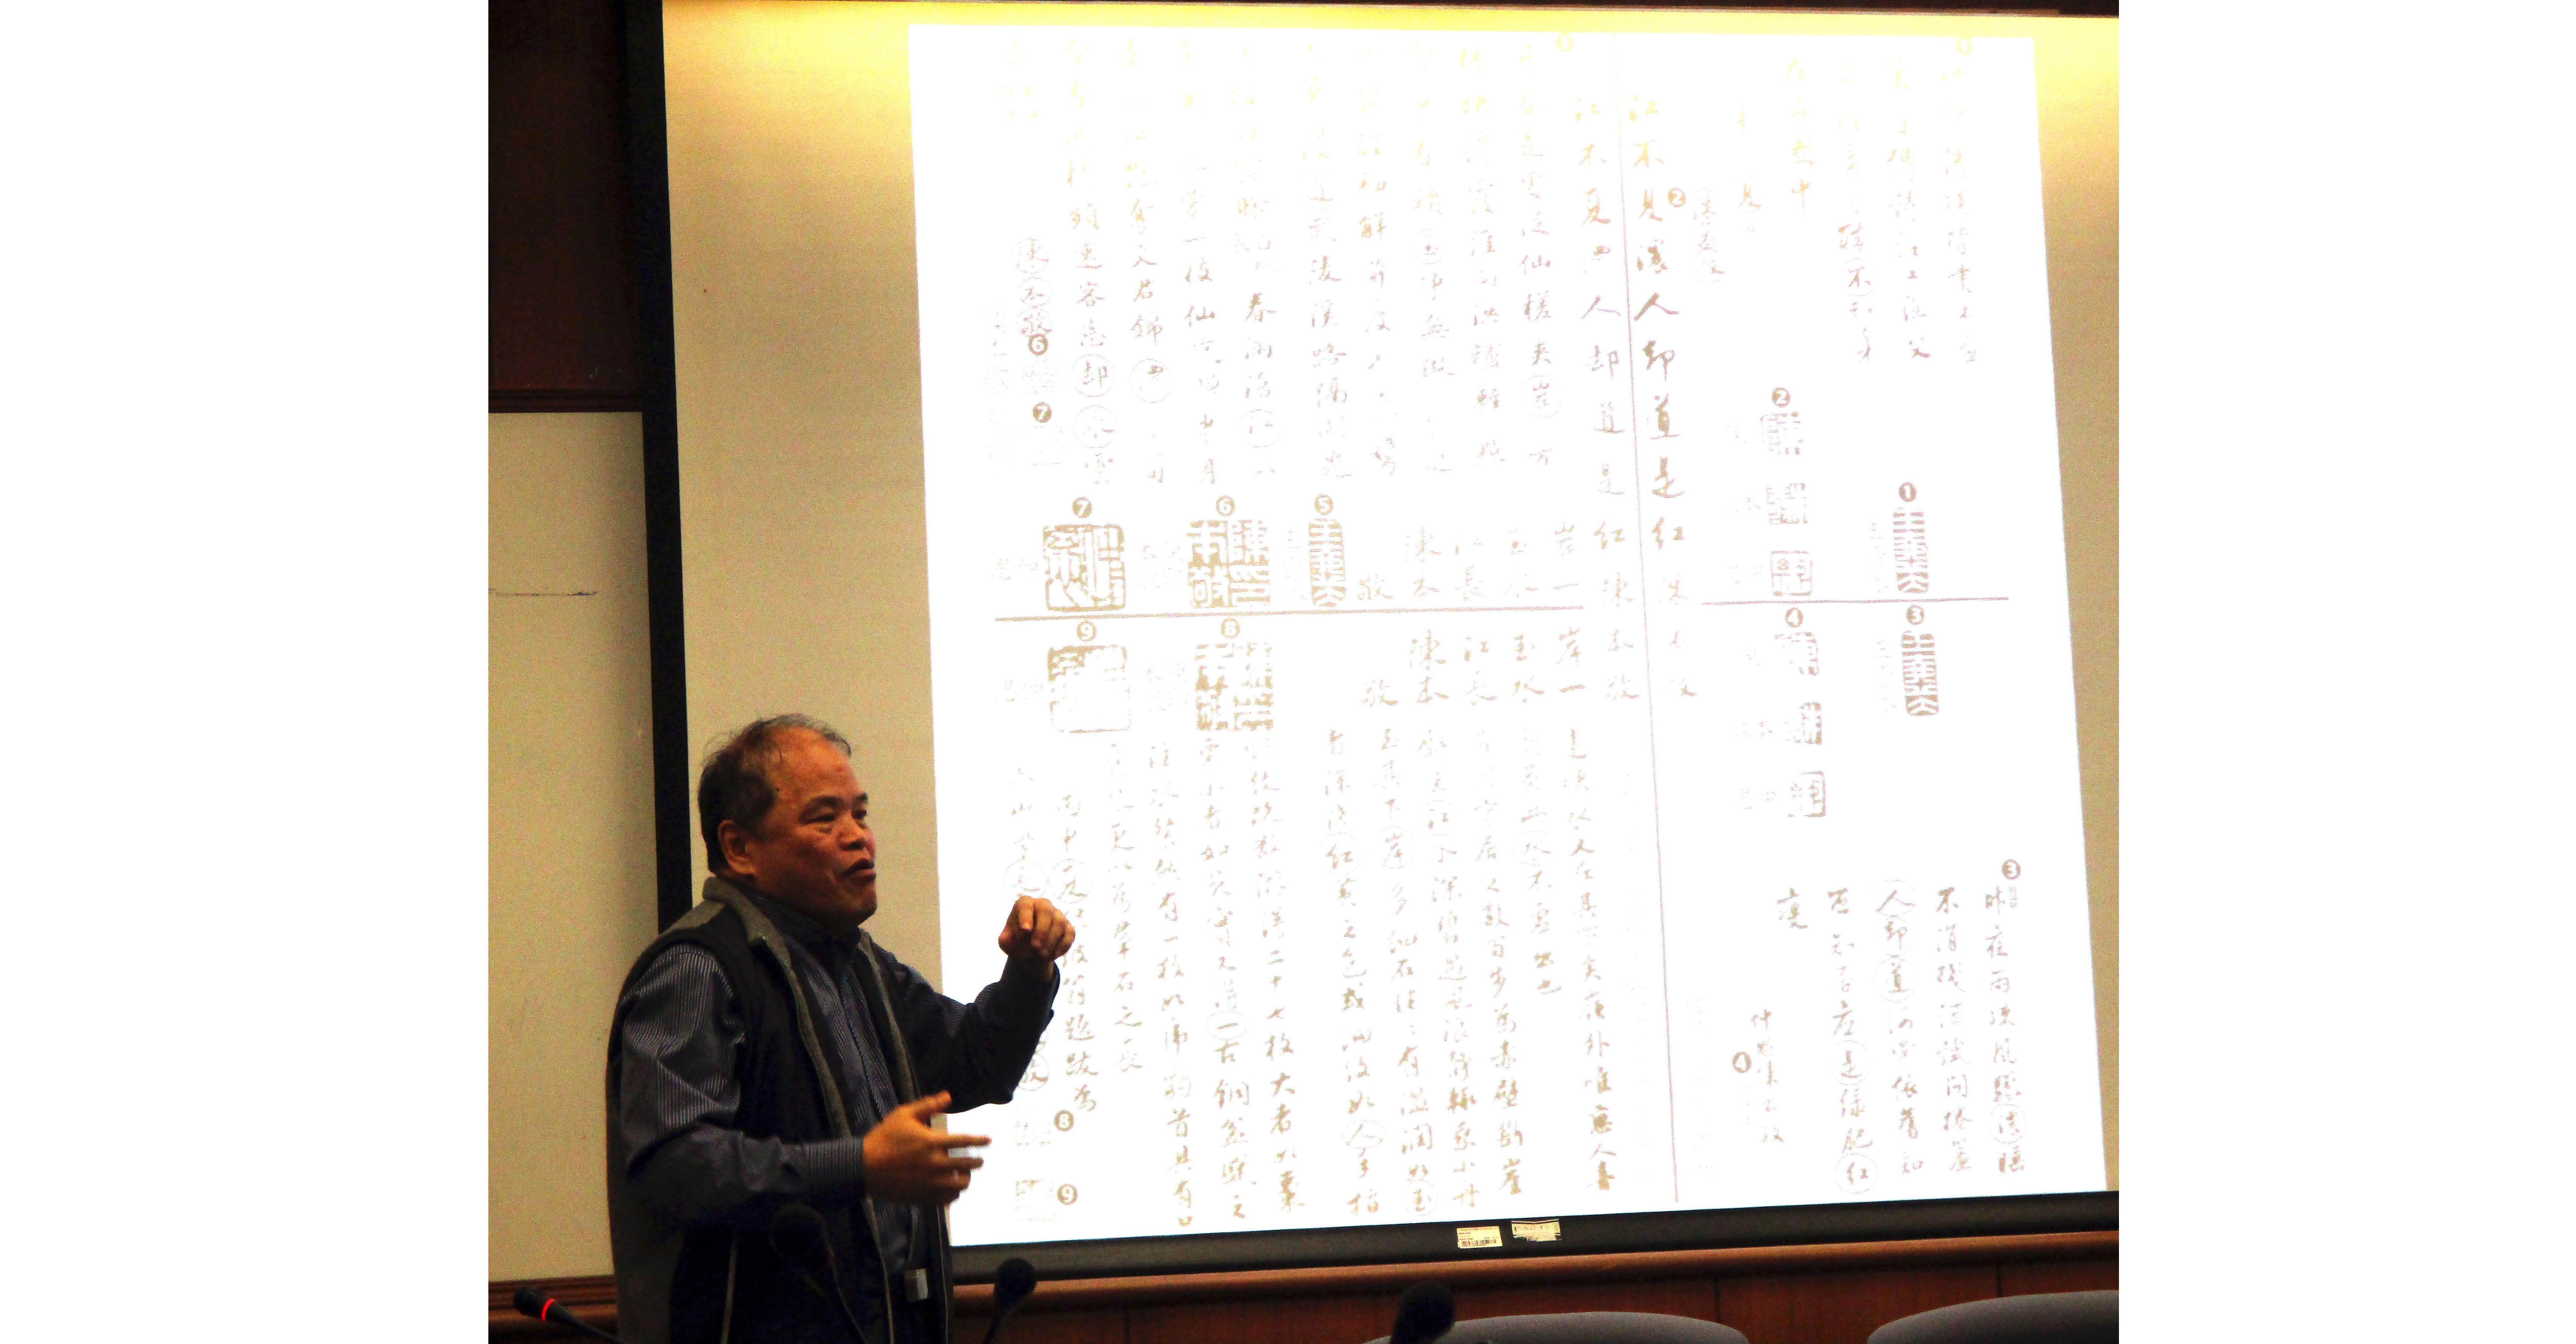 黃一農教授演講「談 e 考據在文史研究中的經營模式 (business model)」紀要